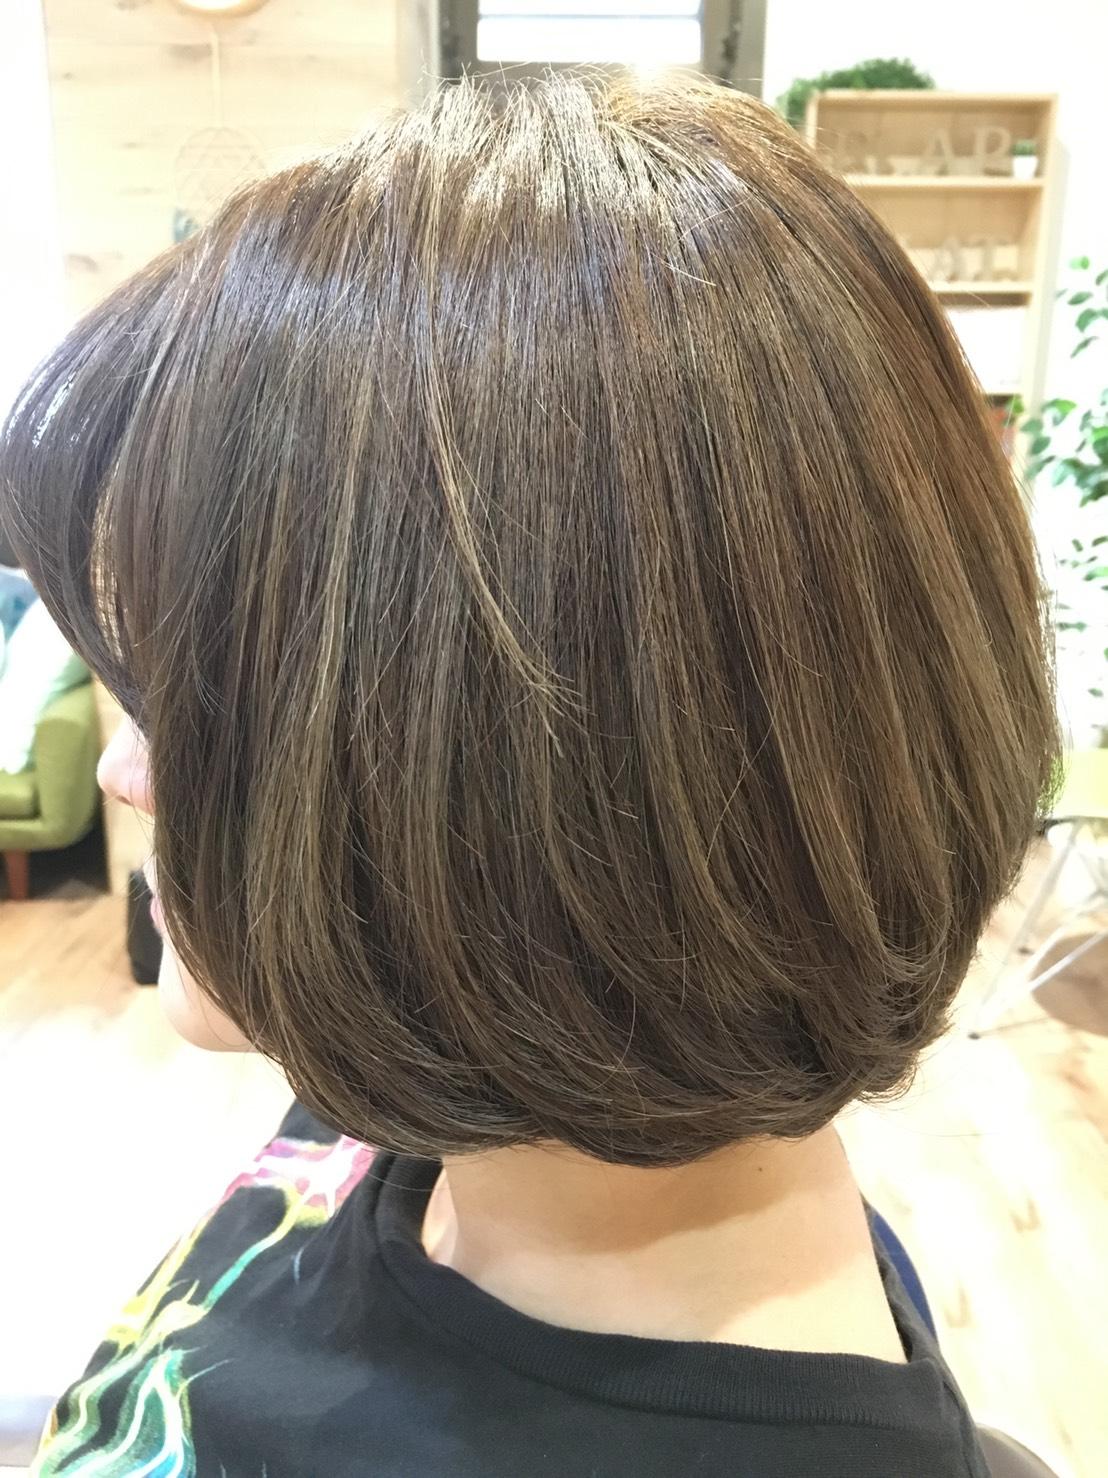 S  31023125 - Hair Gallery